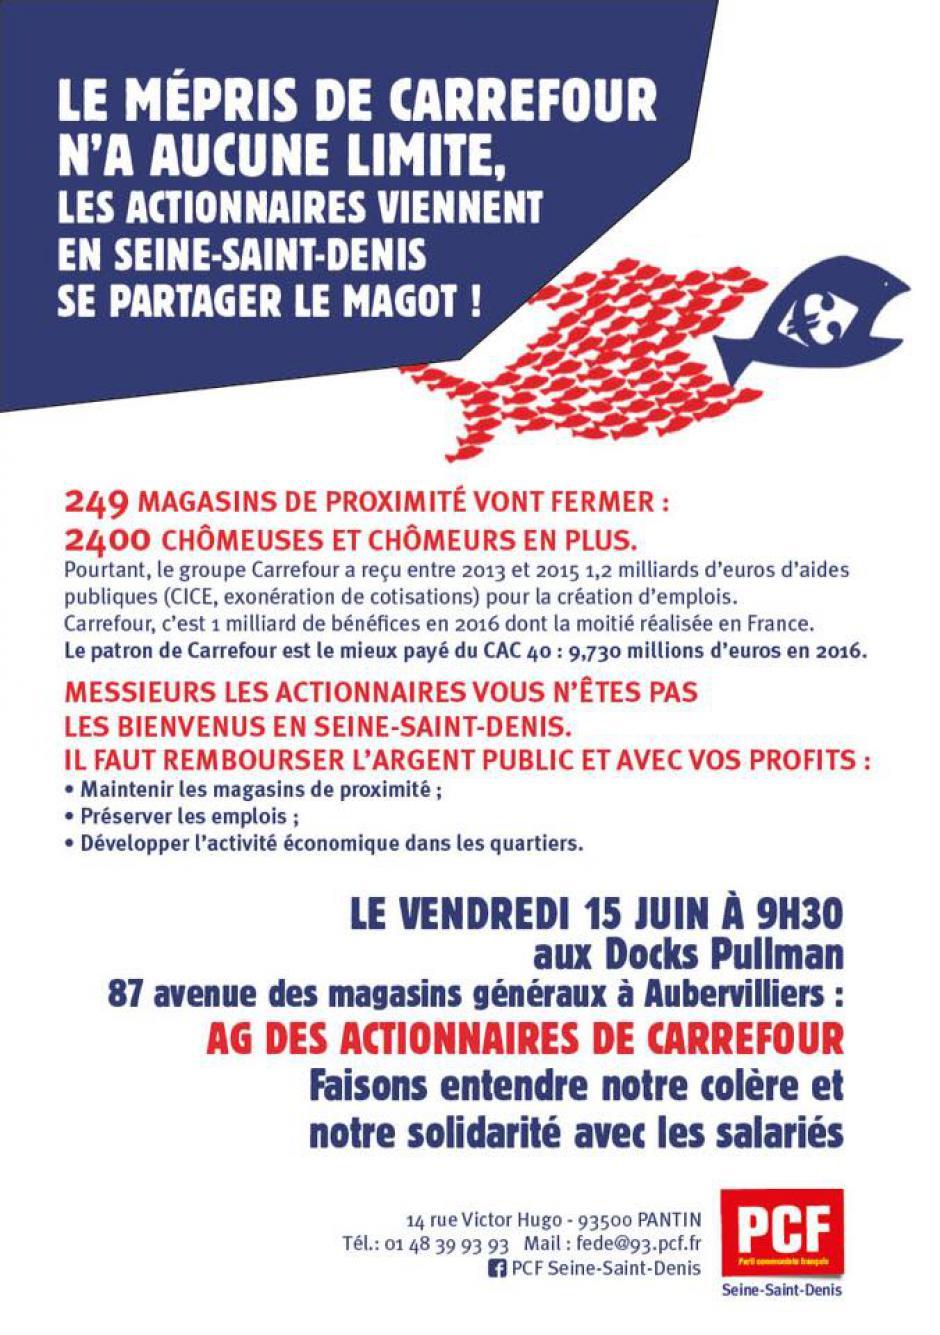 15 juin, Aubervilliers - AG des actionnaires de Carrefour : faisons entendre notre colère et notre solidarité avec les salariés